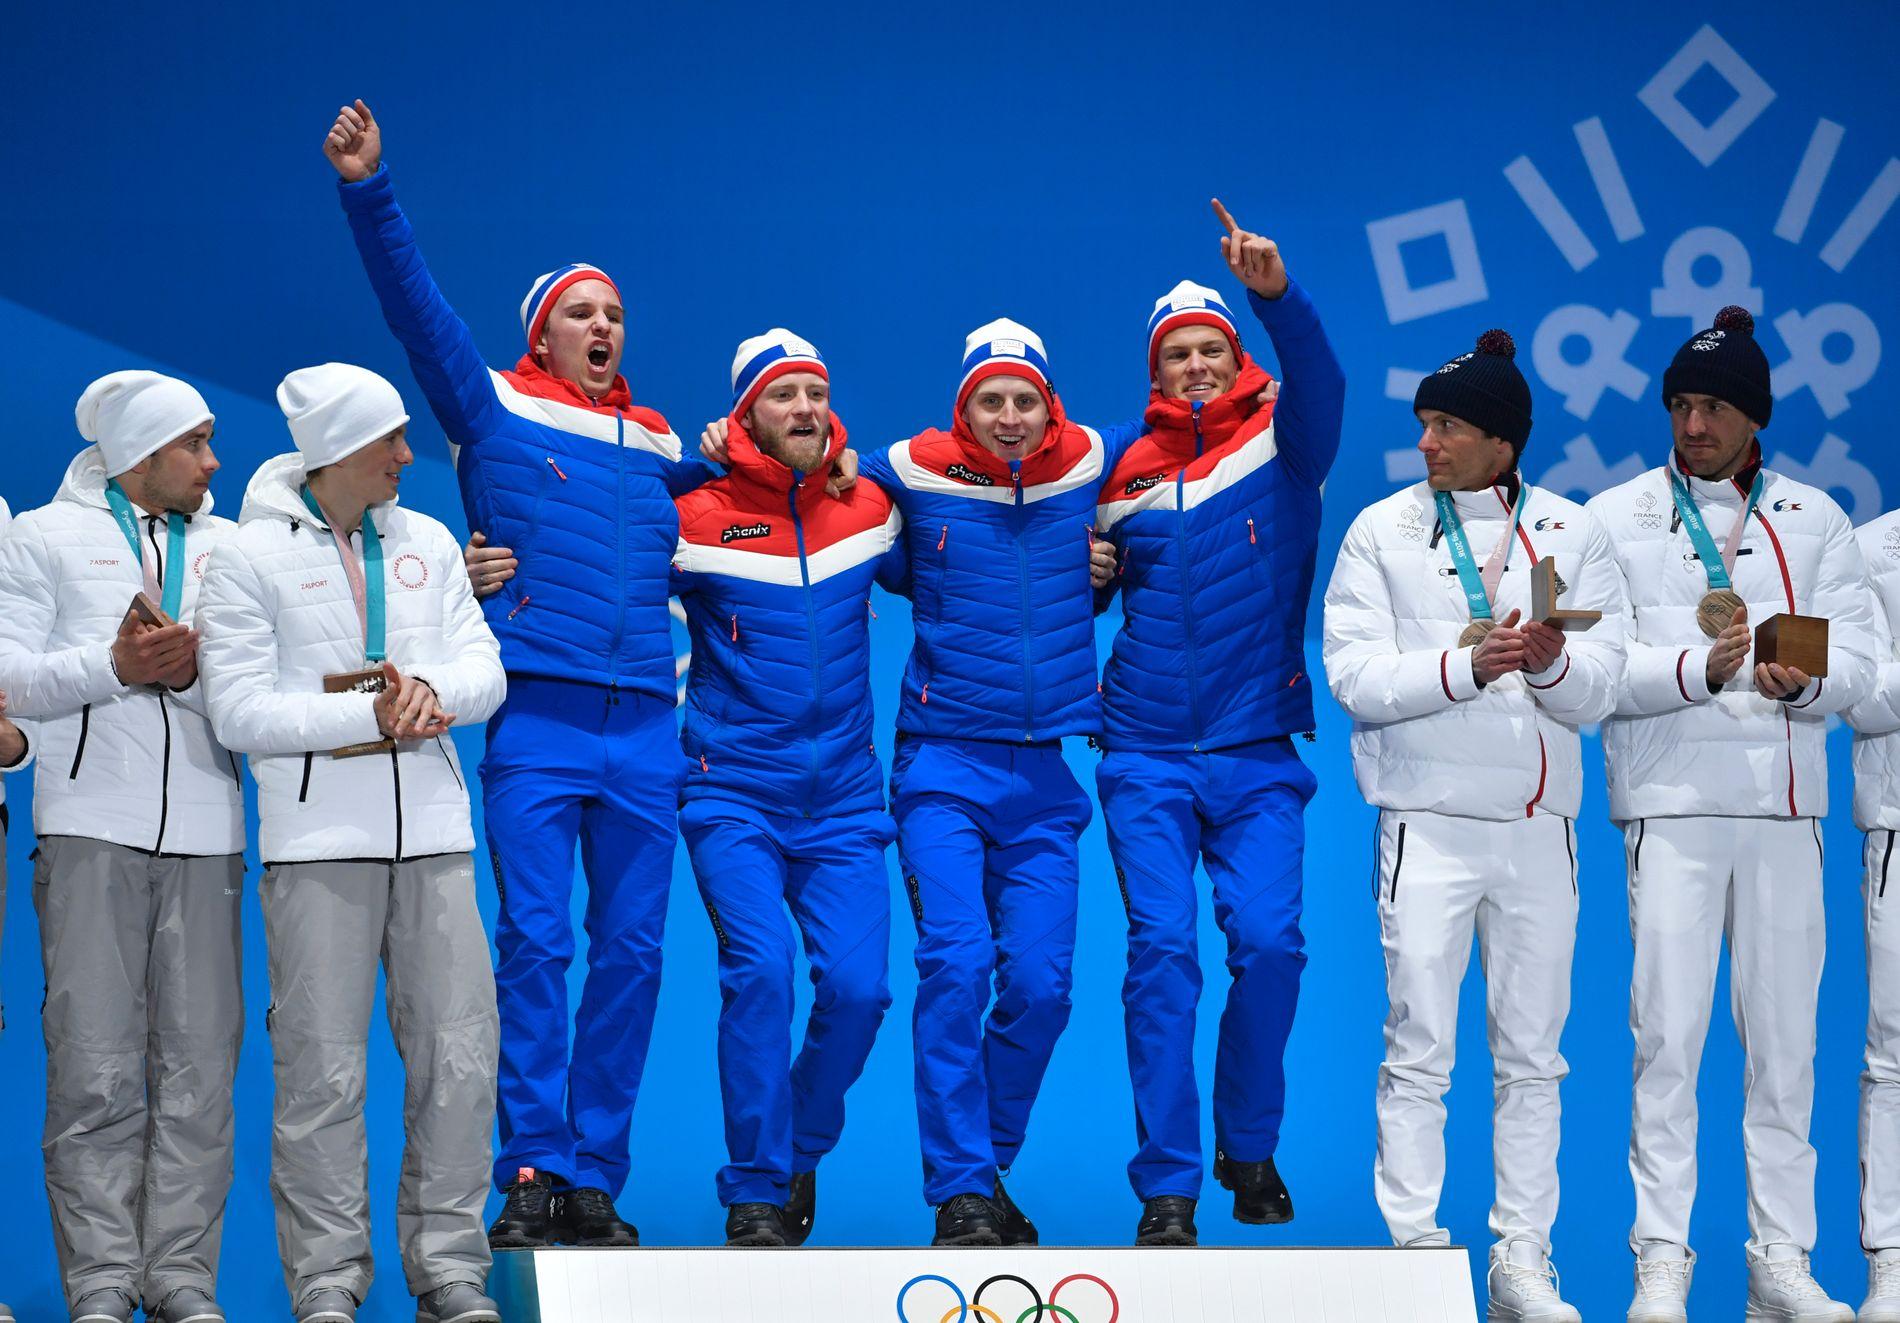 MEDALJEREKORD: - Grunnlaget for årets OL-medaljer ligger hjemme i Norge – i de rundt 11 500 lokale idrettslagene som finnes over hele landet, skriver Trine Skei Grande.